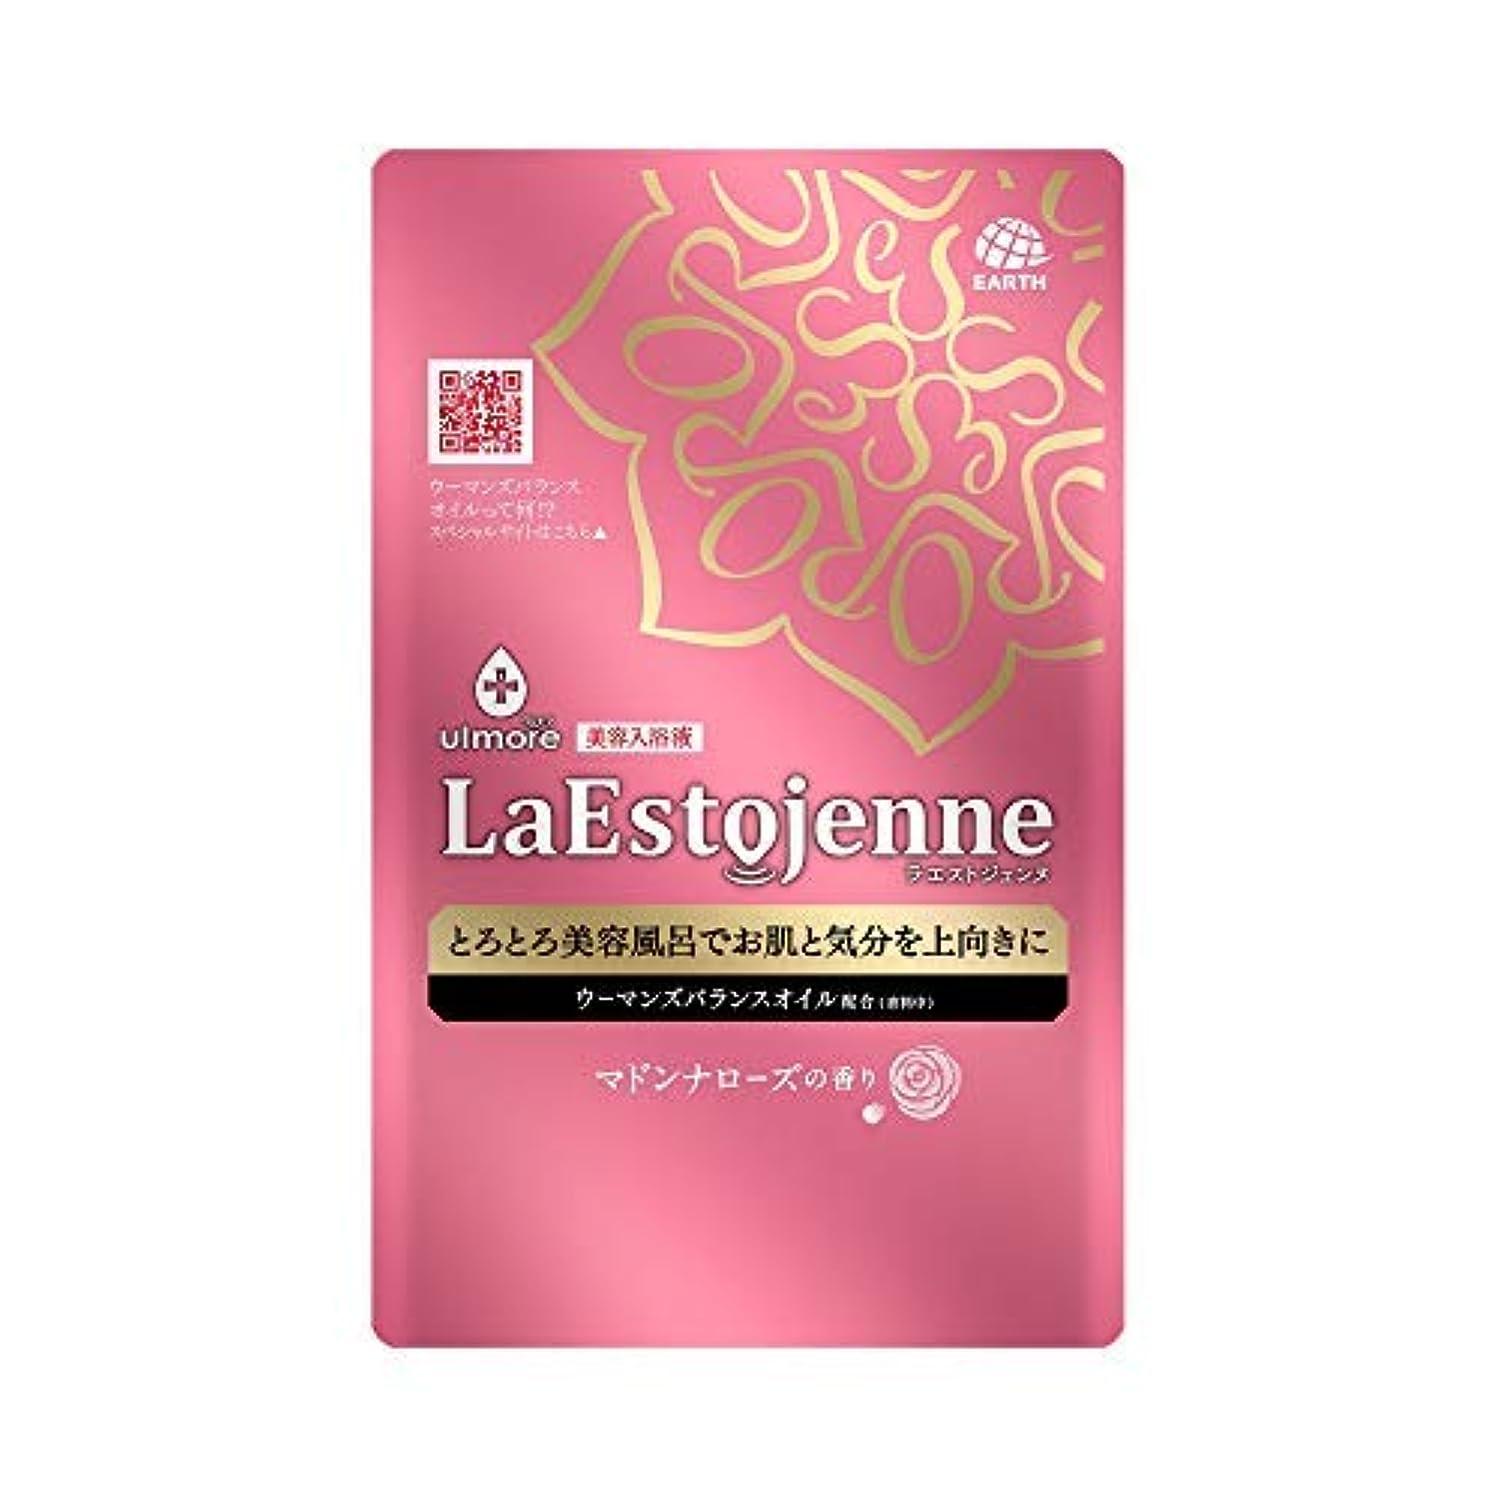 のぞき見ムスタチオ七面鳥ウルモア ラエストジェンヌ マドンナローズの香り 1包 × 10個セット